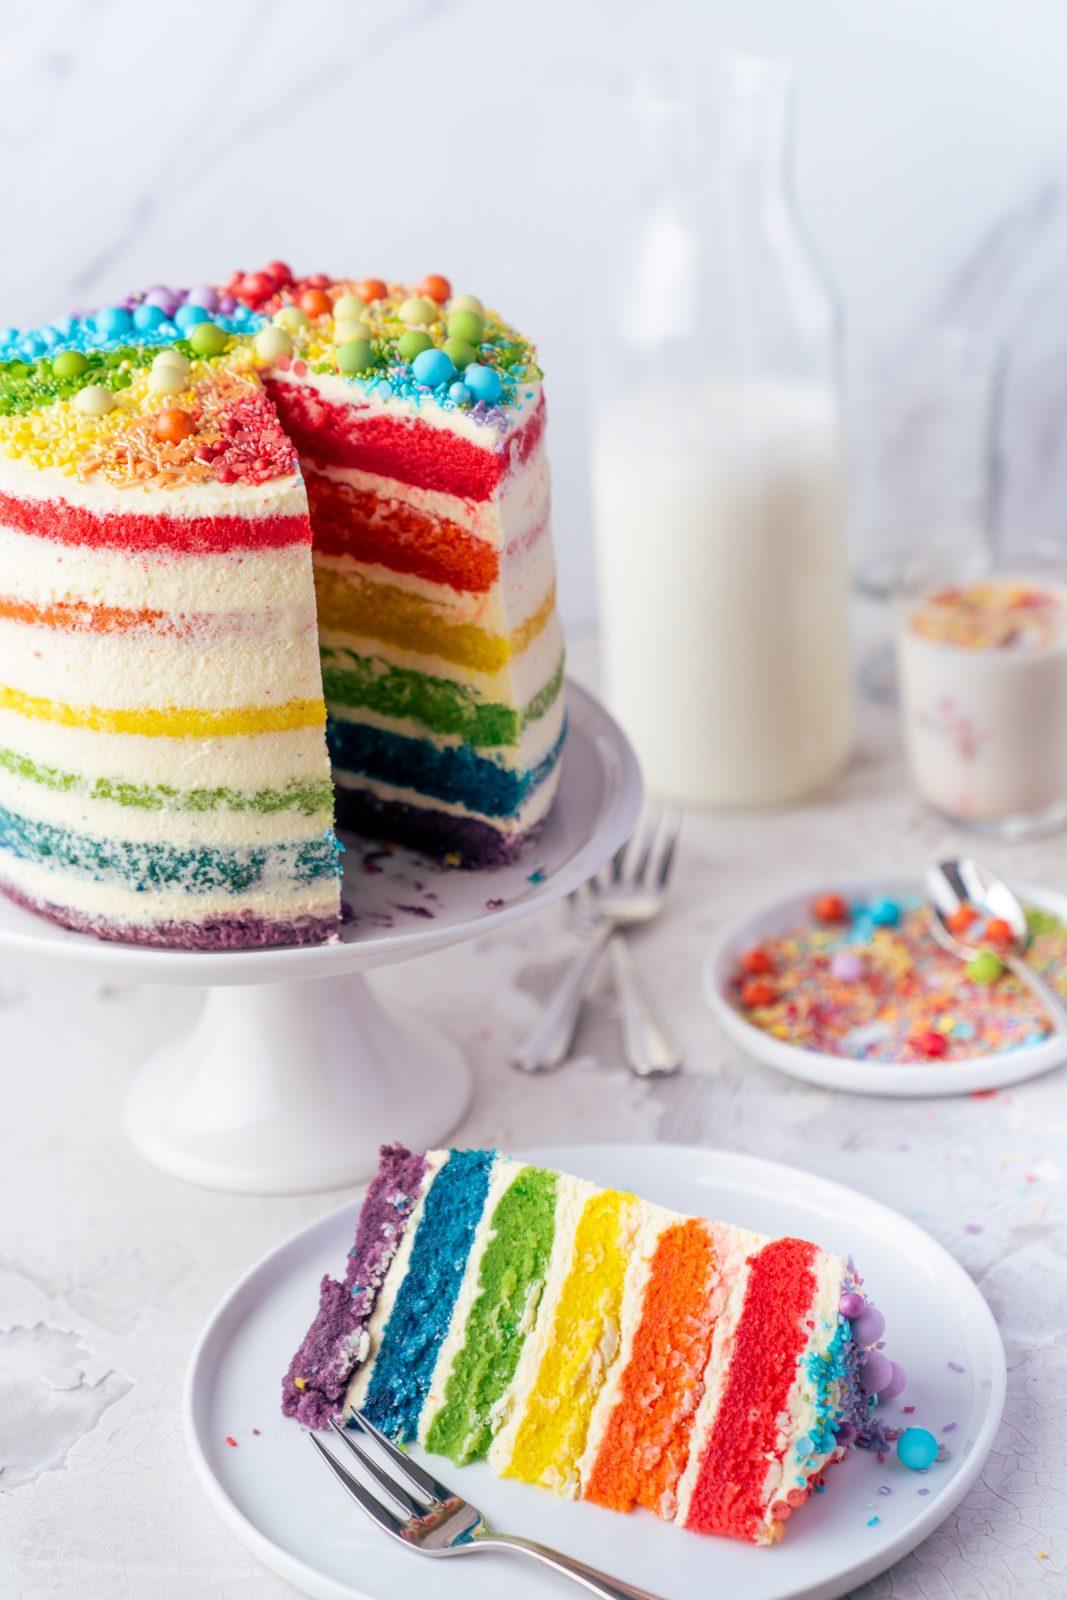 Regenbogen Torte 40 | Born this way! Heute wird es bunt und das ist gut so. Der Juni ist der alljährliche Pride-Monat und 2021 hat unsere Regenbogen-Torte ein Makeover defintiv verdient, denn ihr seid schon seit 2017 ganz verrückt nach diesem absoluten Leckerbissen! Aber was hat es mit der Regenbogenflagge eigentlich genau auf sich? Wir werden dem mal ein wenig auf den Grund gehen und dabei gibt es ein großes Stück Rainbow Cake.